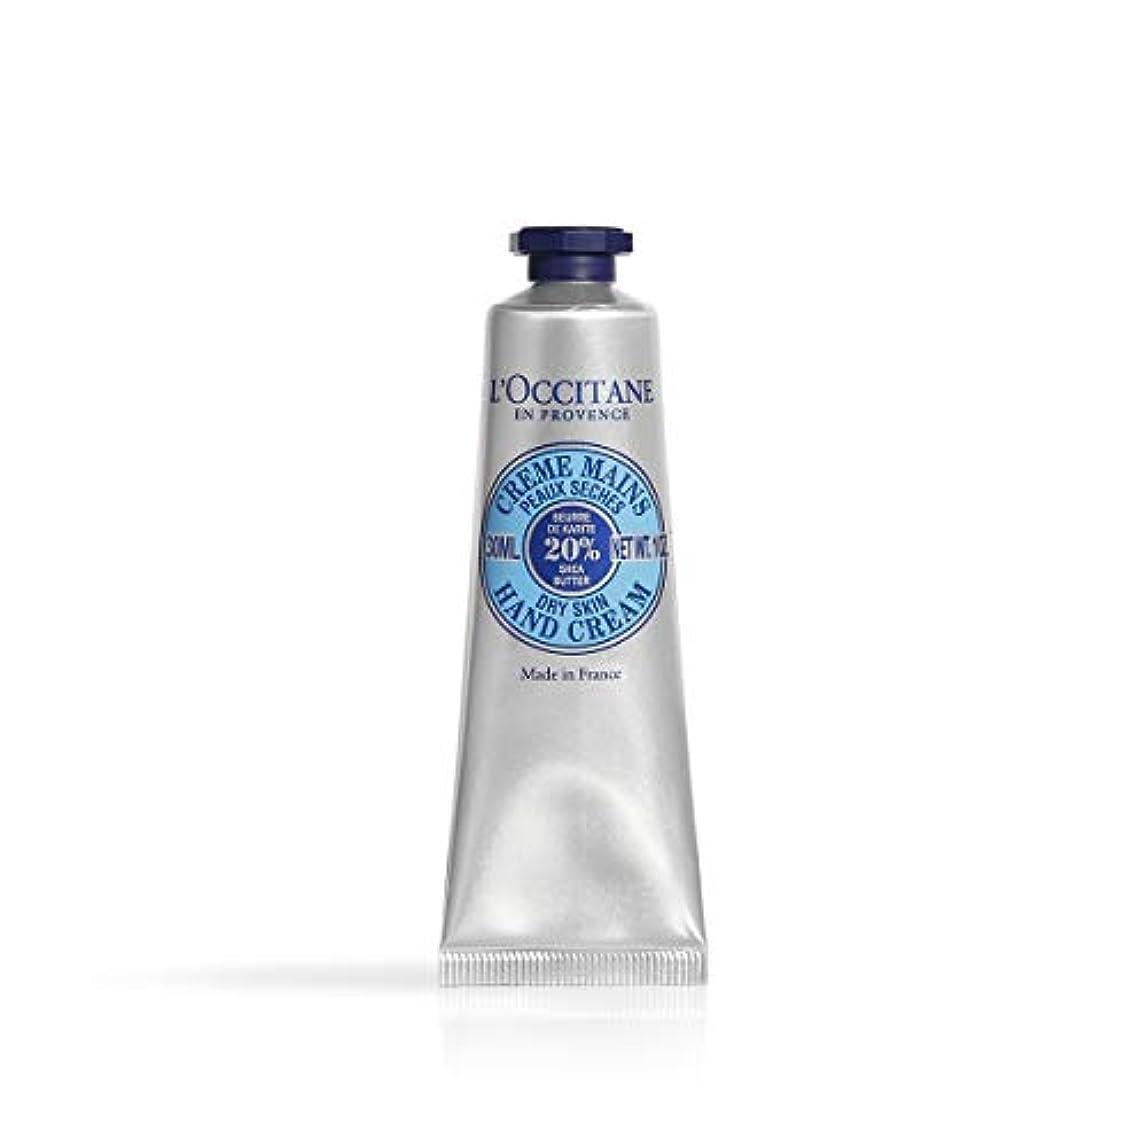 ダイエットギネス拮抗するロクシタン(L'OCCITANE) シア ハンドクリーム 30ml